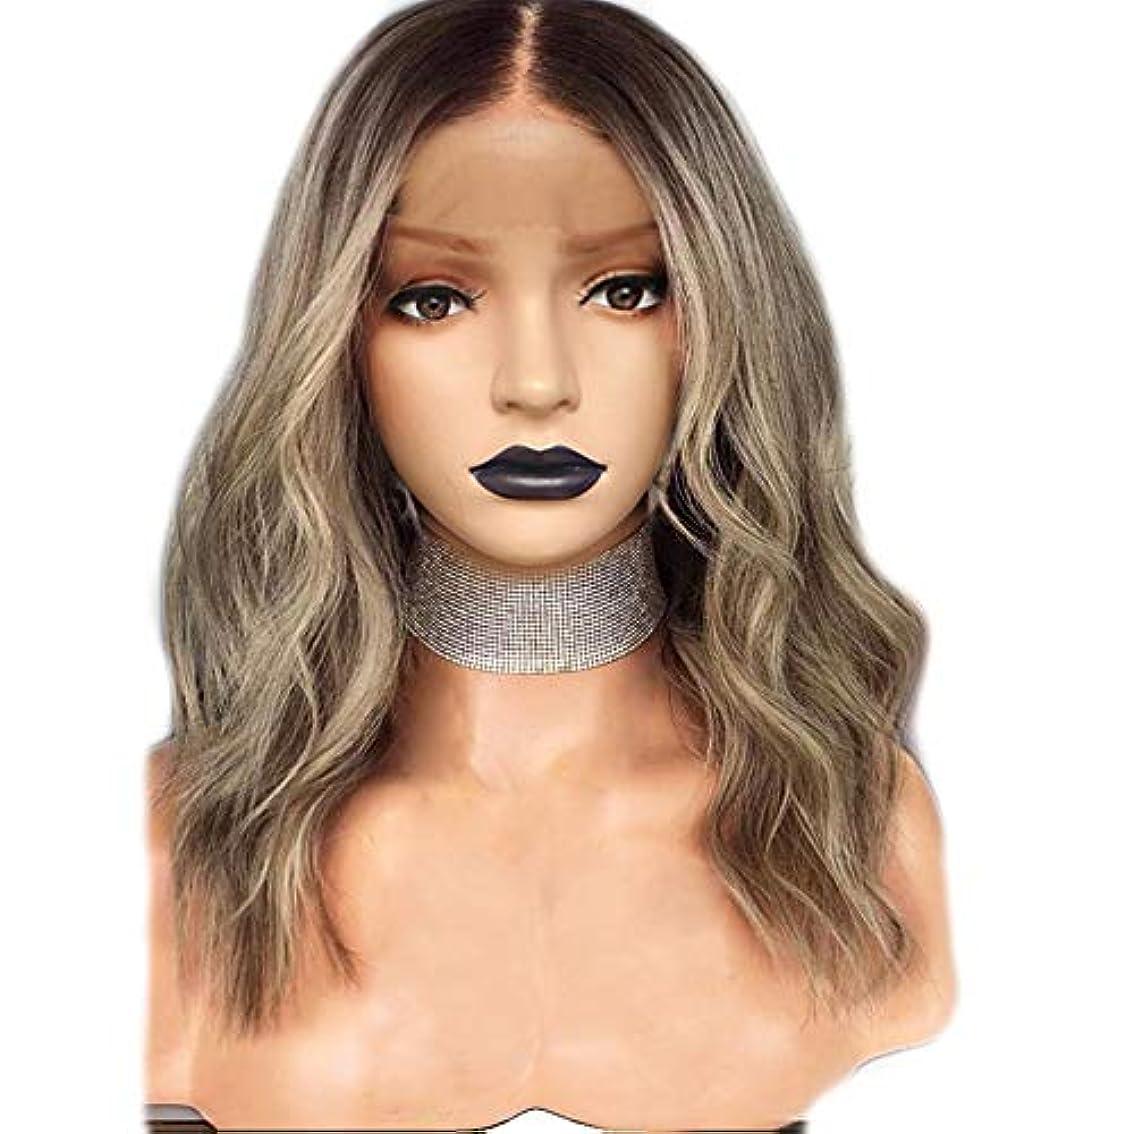 起きろチョークコメンテーターZXF ヨーロッパとアメリカの化学繊維かつら女性18インチリネングラデーションカラー長い小さな巻き毛の前部絹のかつらエレガントな女の子 美しい